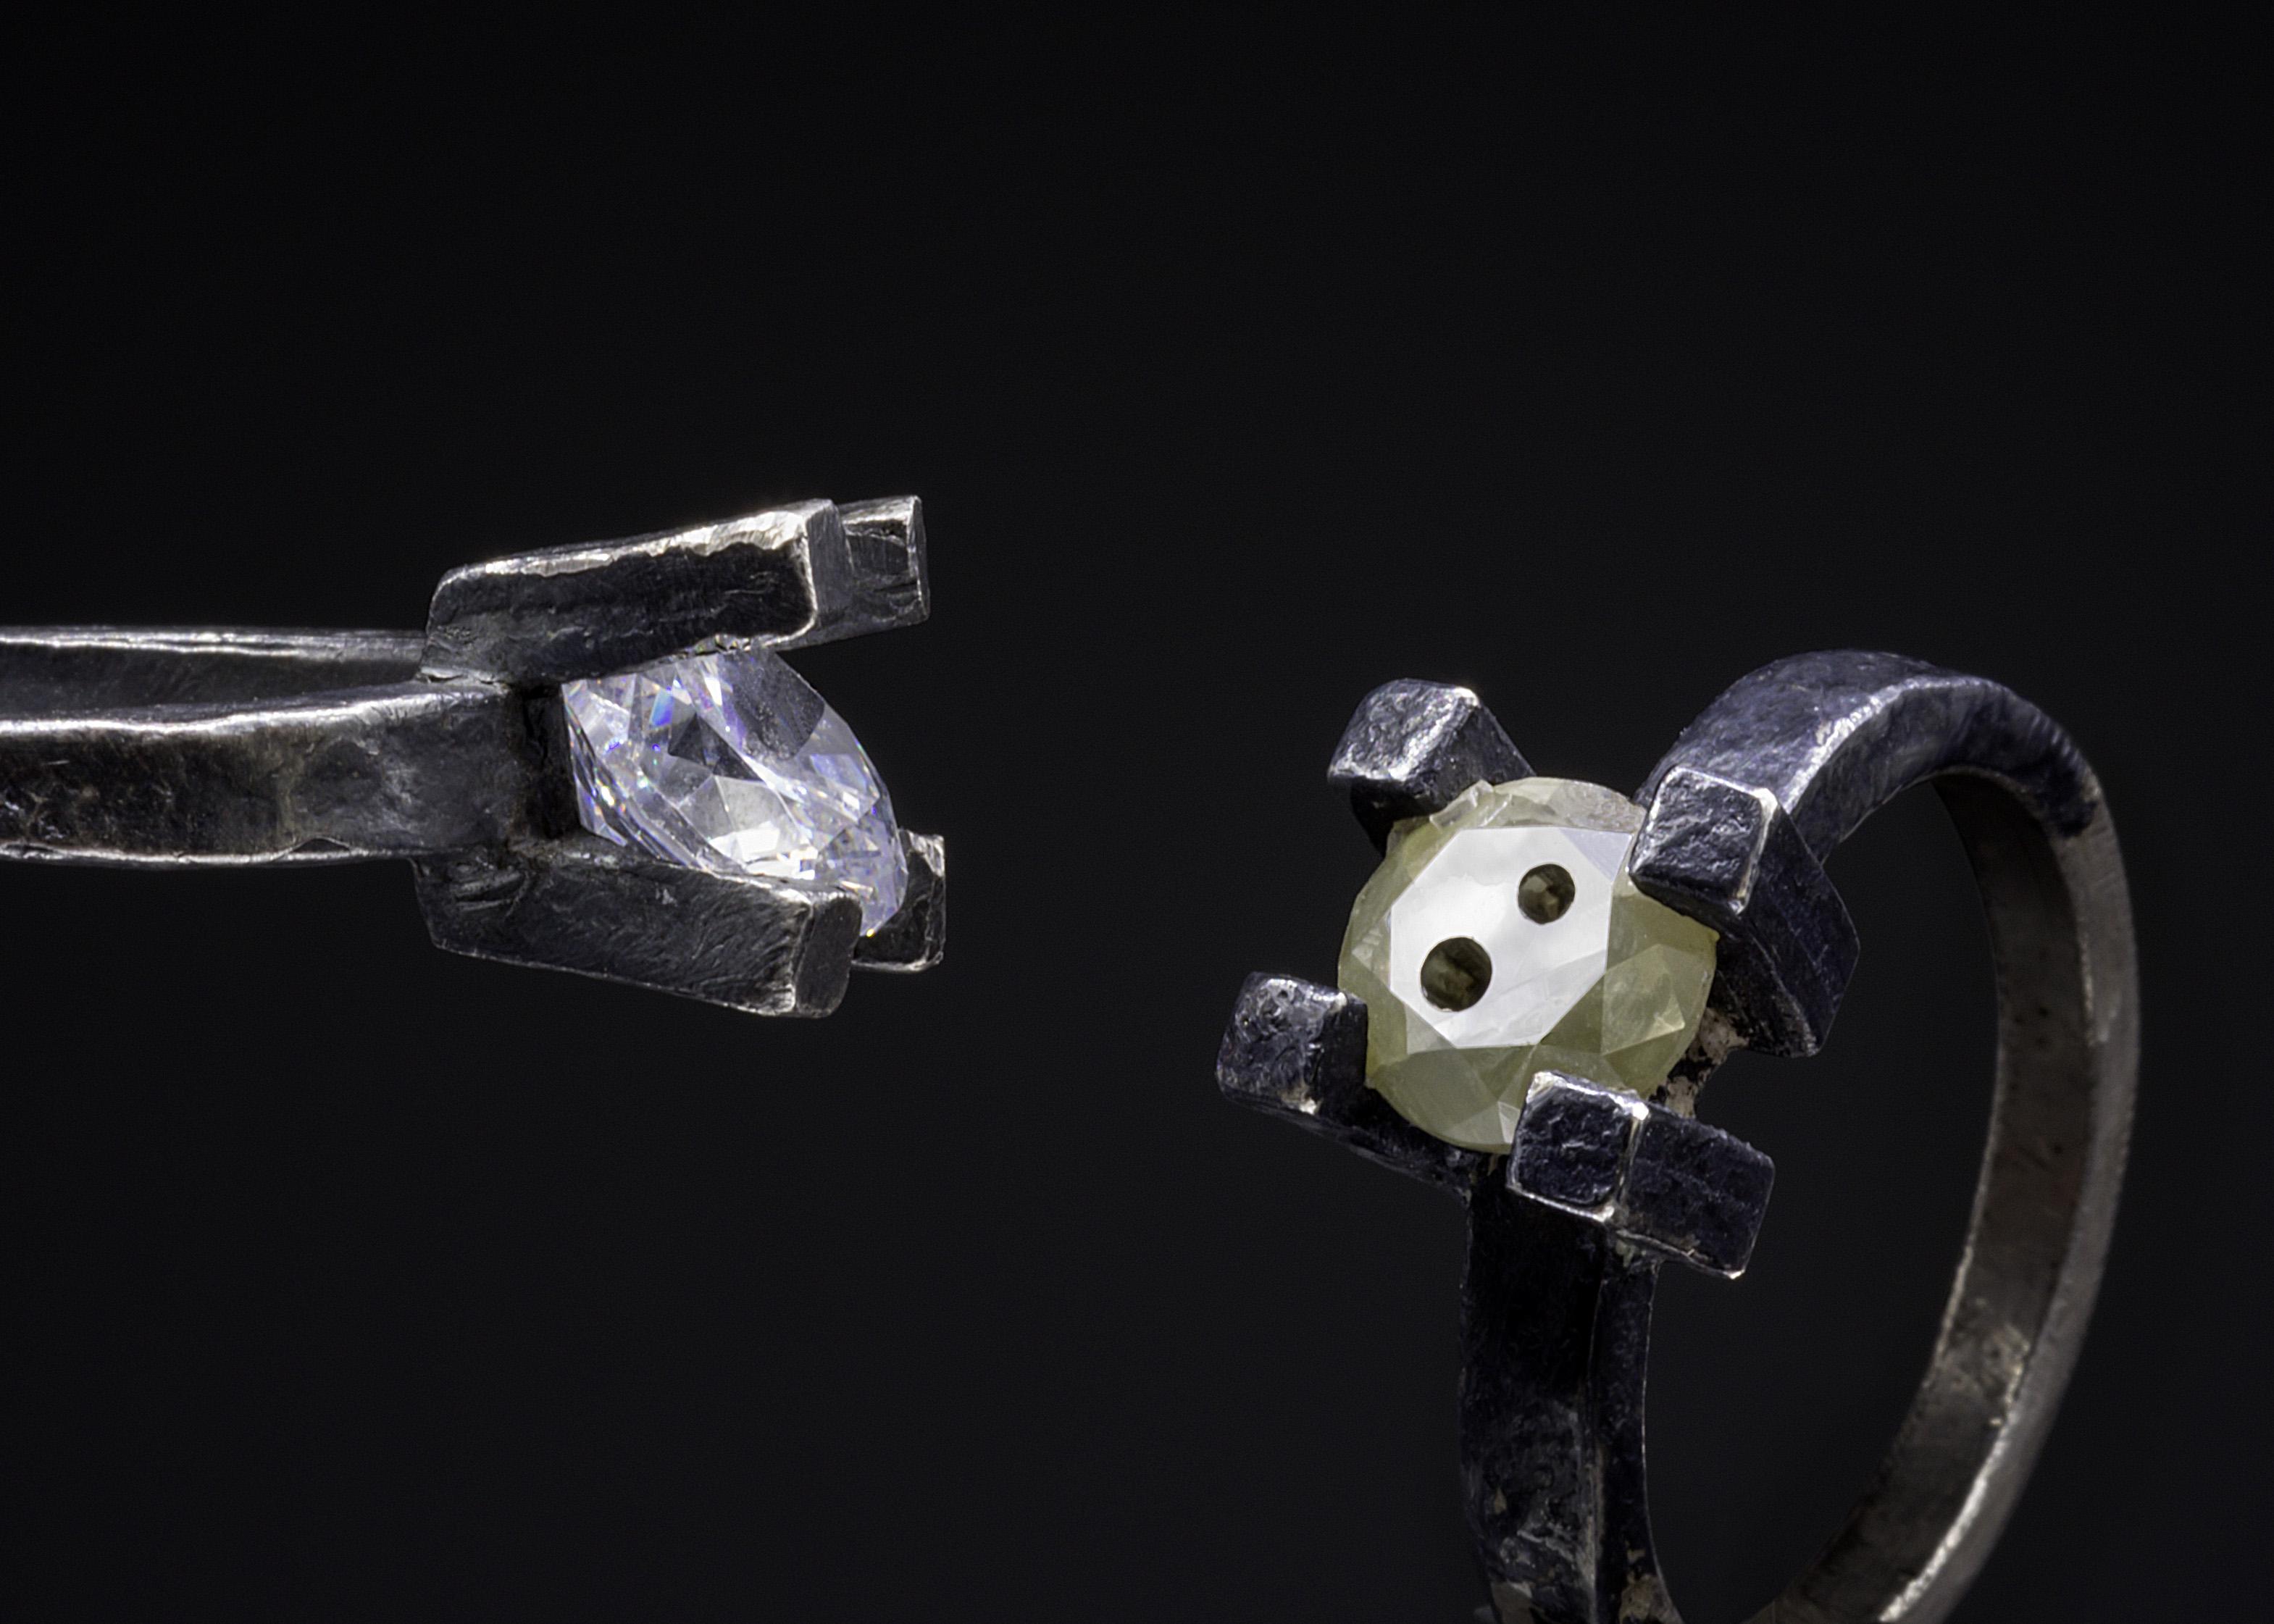 Karl Fritsch, ringen, 2019 en 2016. Foto Erich Spahn, zilver, niello, diamant